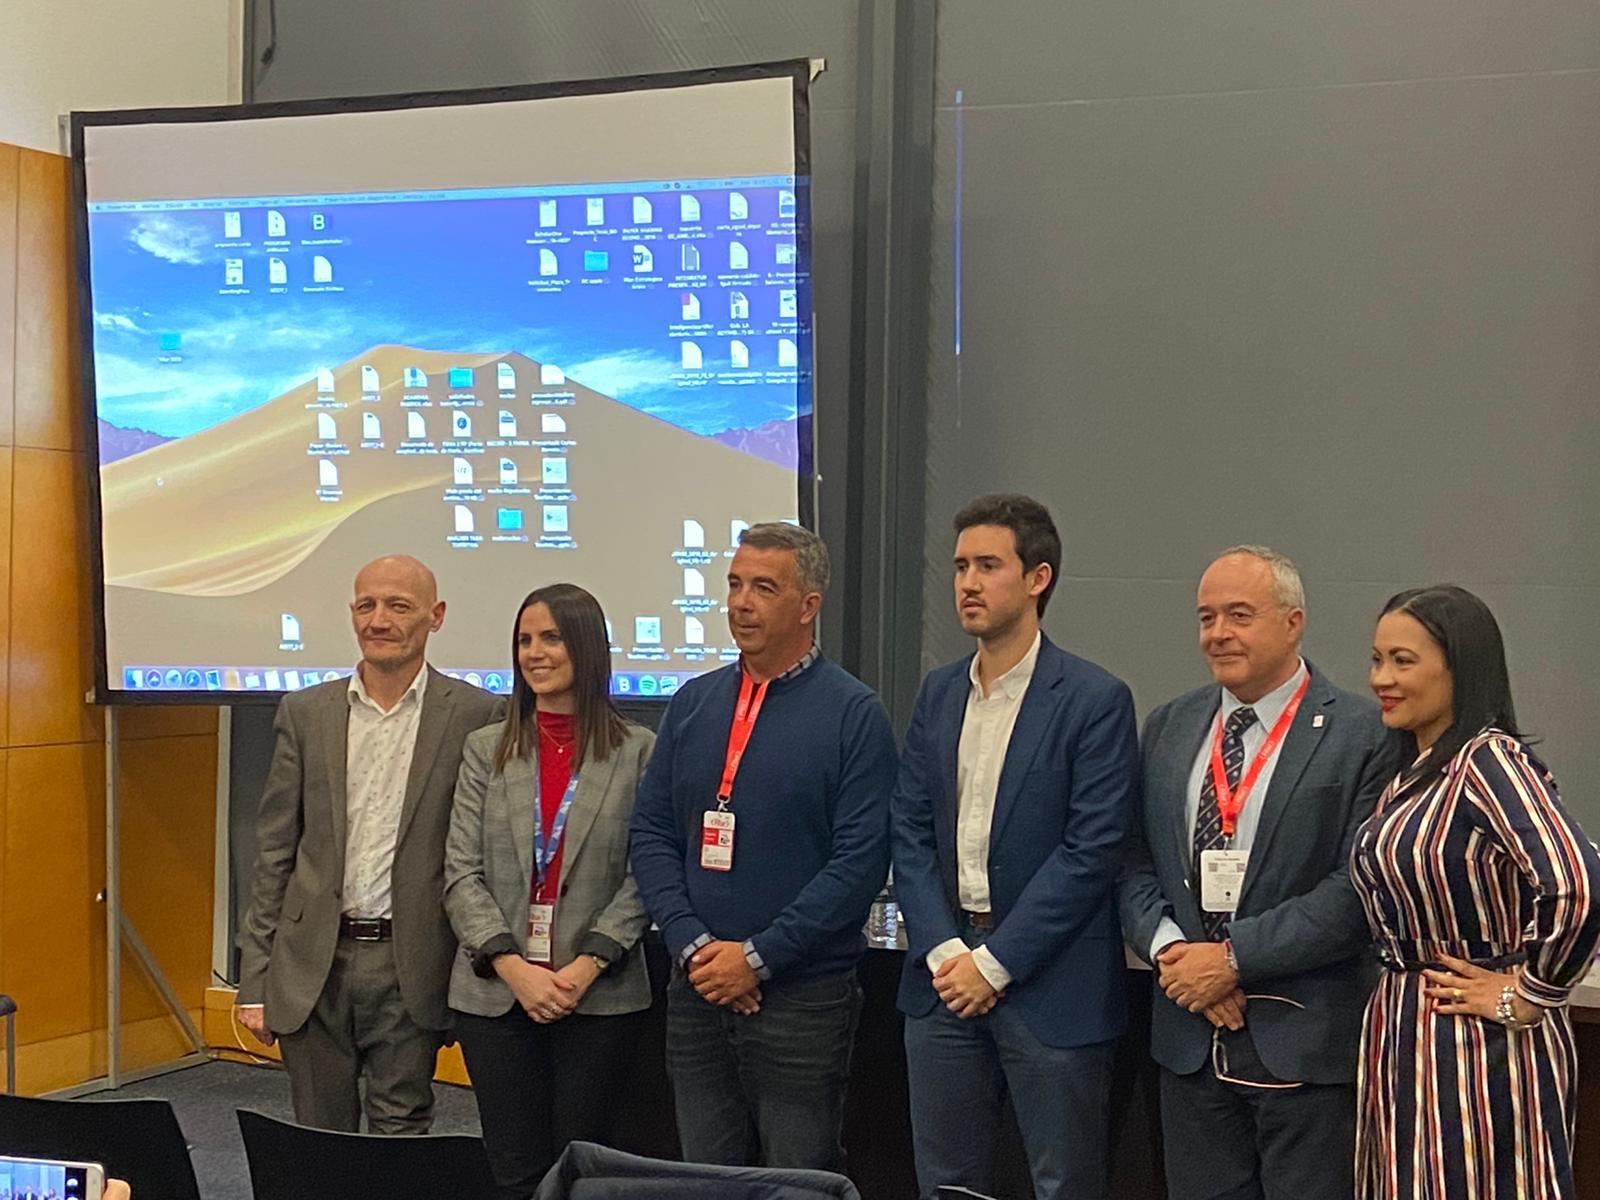 THE TEACHERS OF EU MEDITERRANI J.M. ESPINET AND A. GASSIOT FINALISTS OF THE XXI TRIBUNA FITUR AWARD